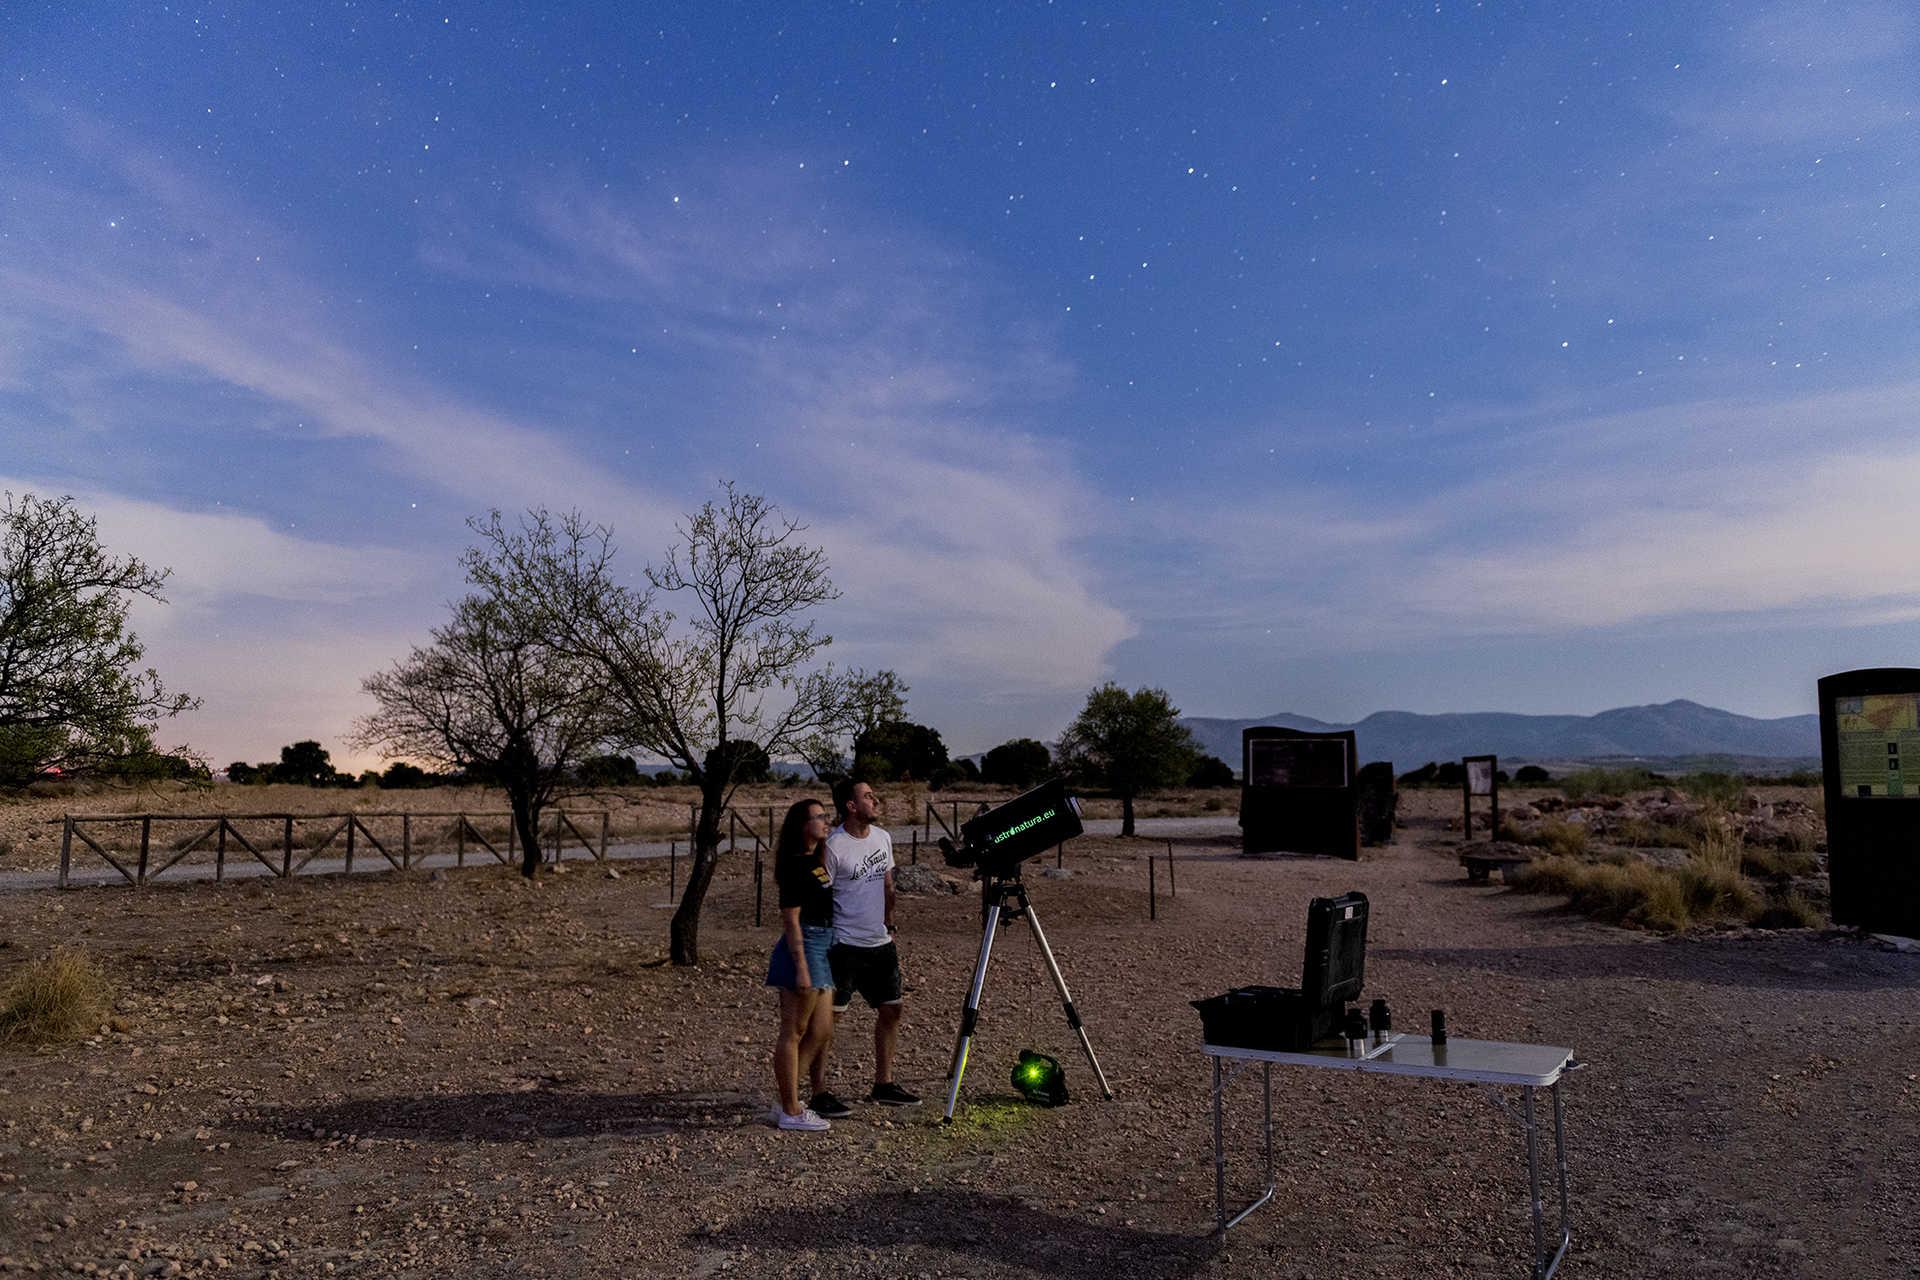 Astroturismo por el sistema solar